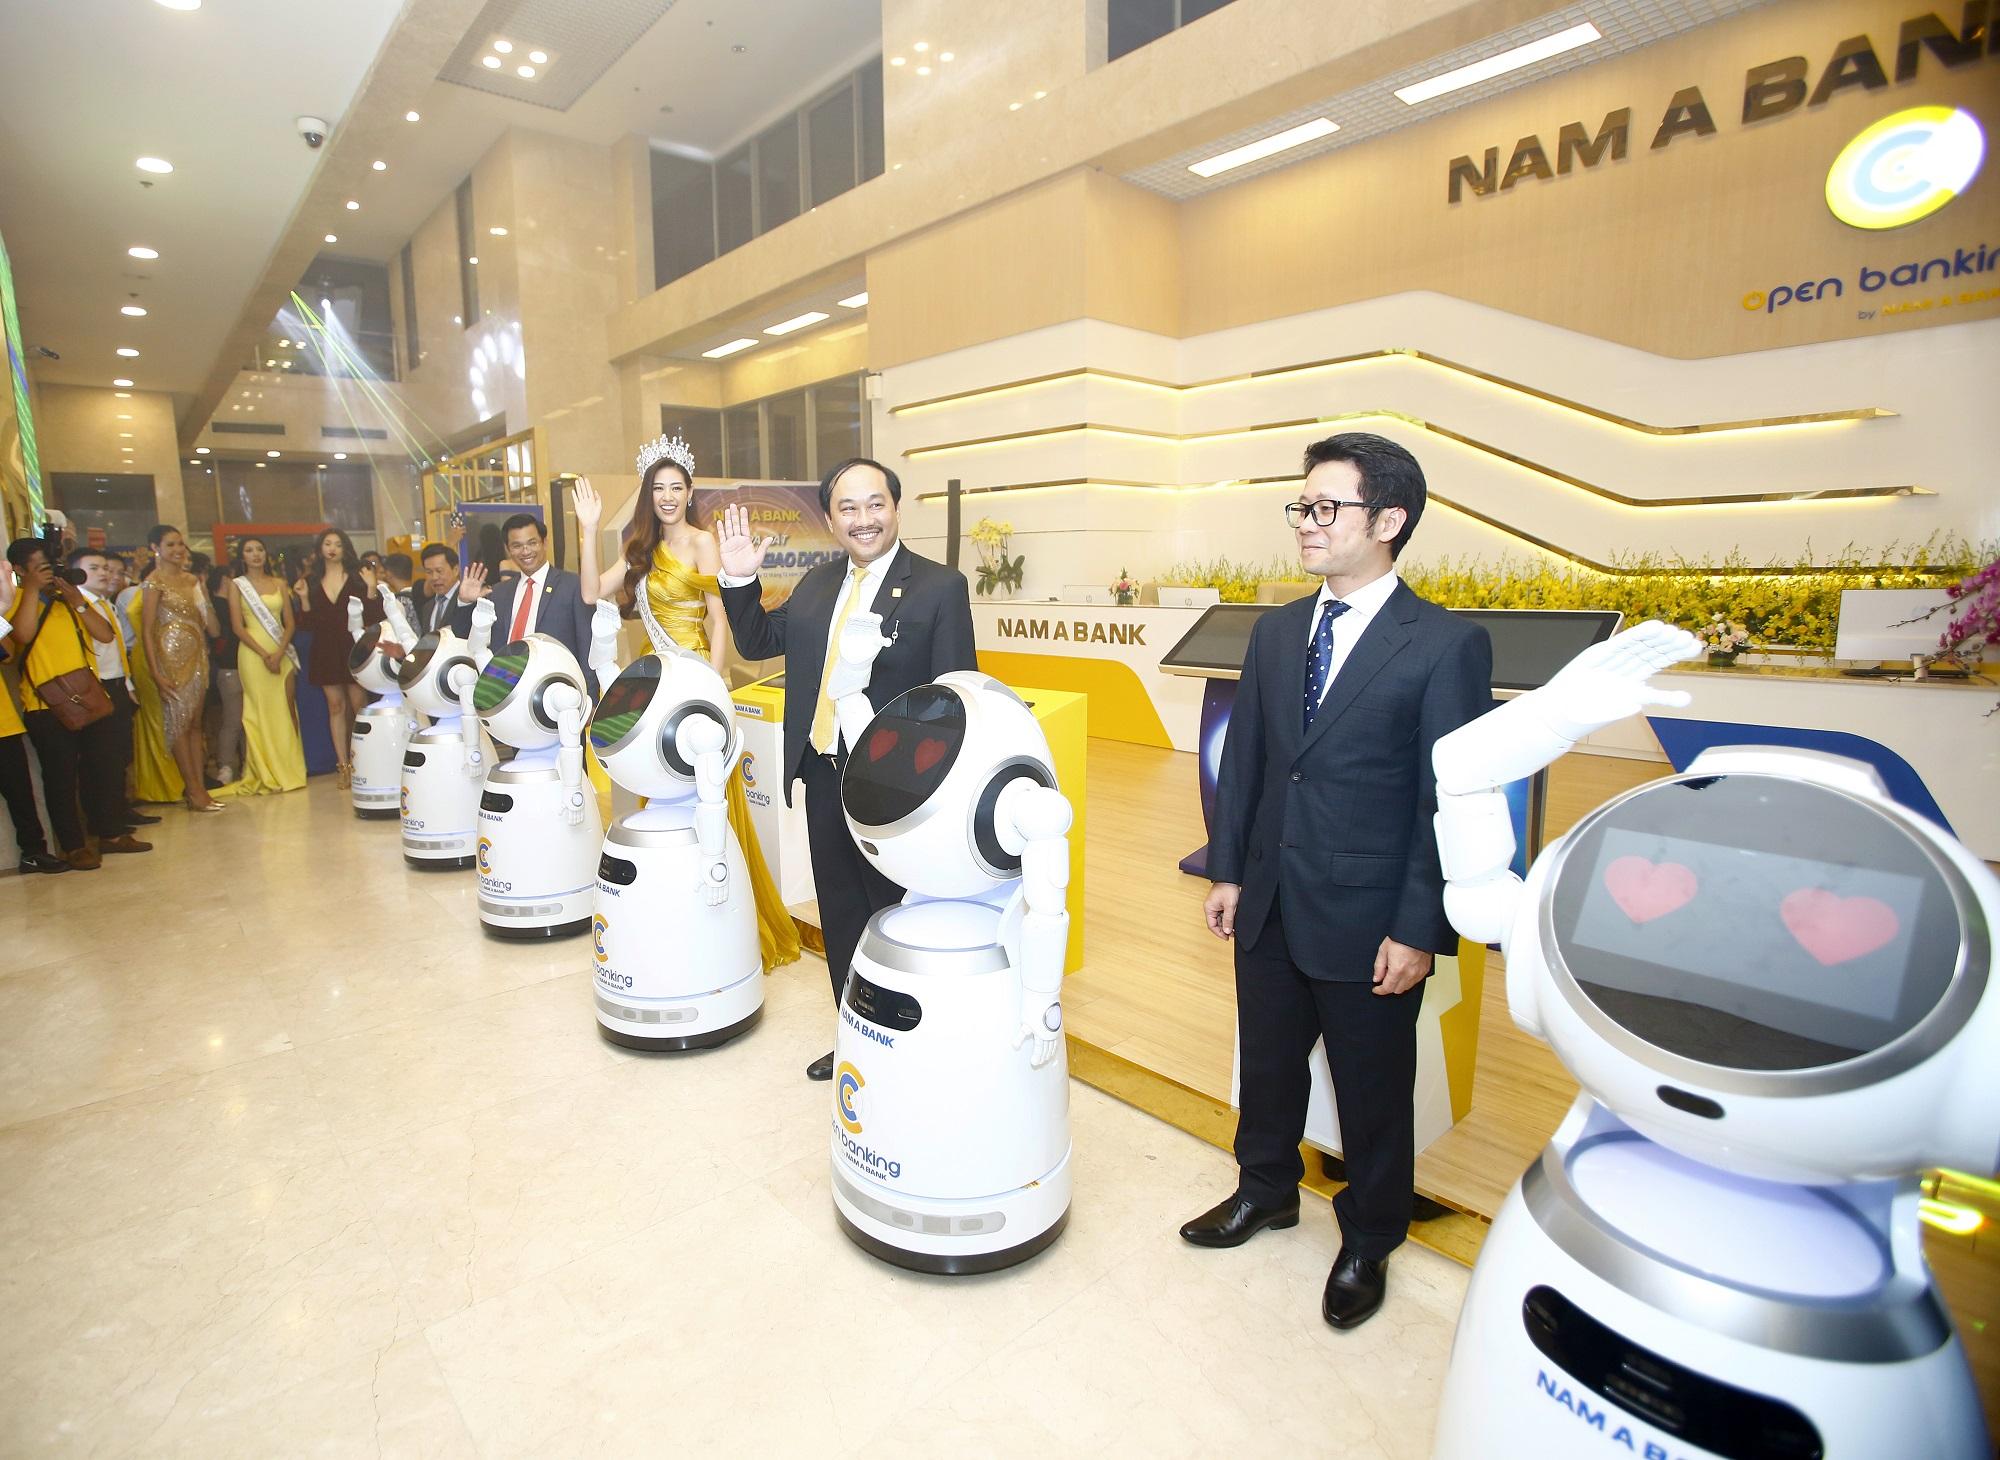 Nam A Bank ra mắt không gian giao dịch số ứng dụng trí tuệ nhân tạo - Ảnh 1